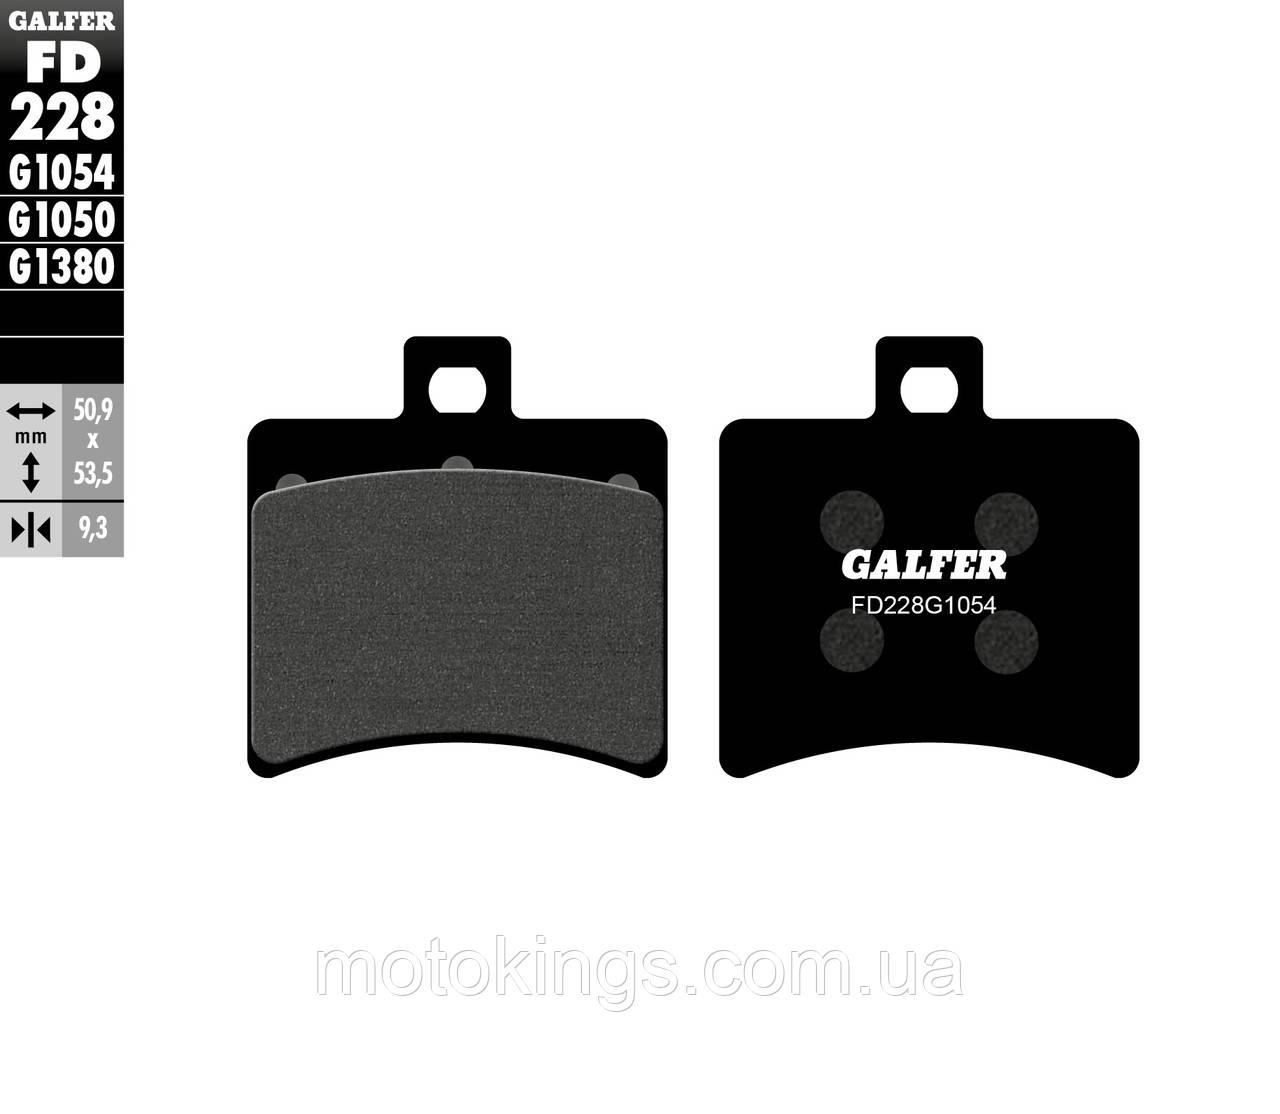 GALFER ТОРМОЗНЫЕ КОЛОДКИ    KH298 (СКУТЕР) (FD228G1054)